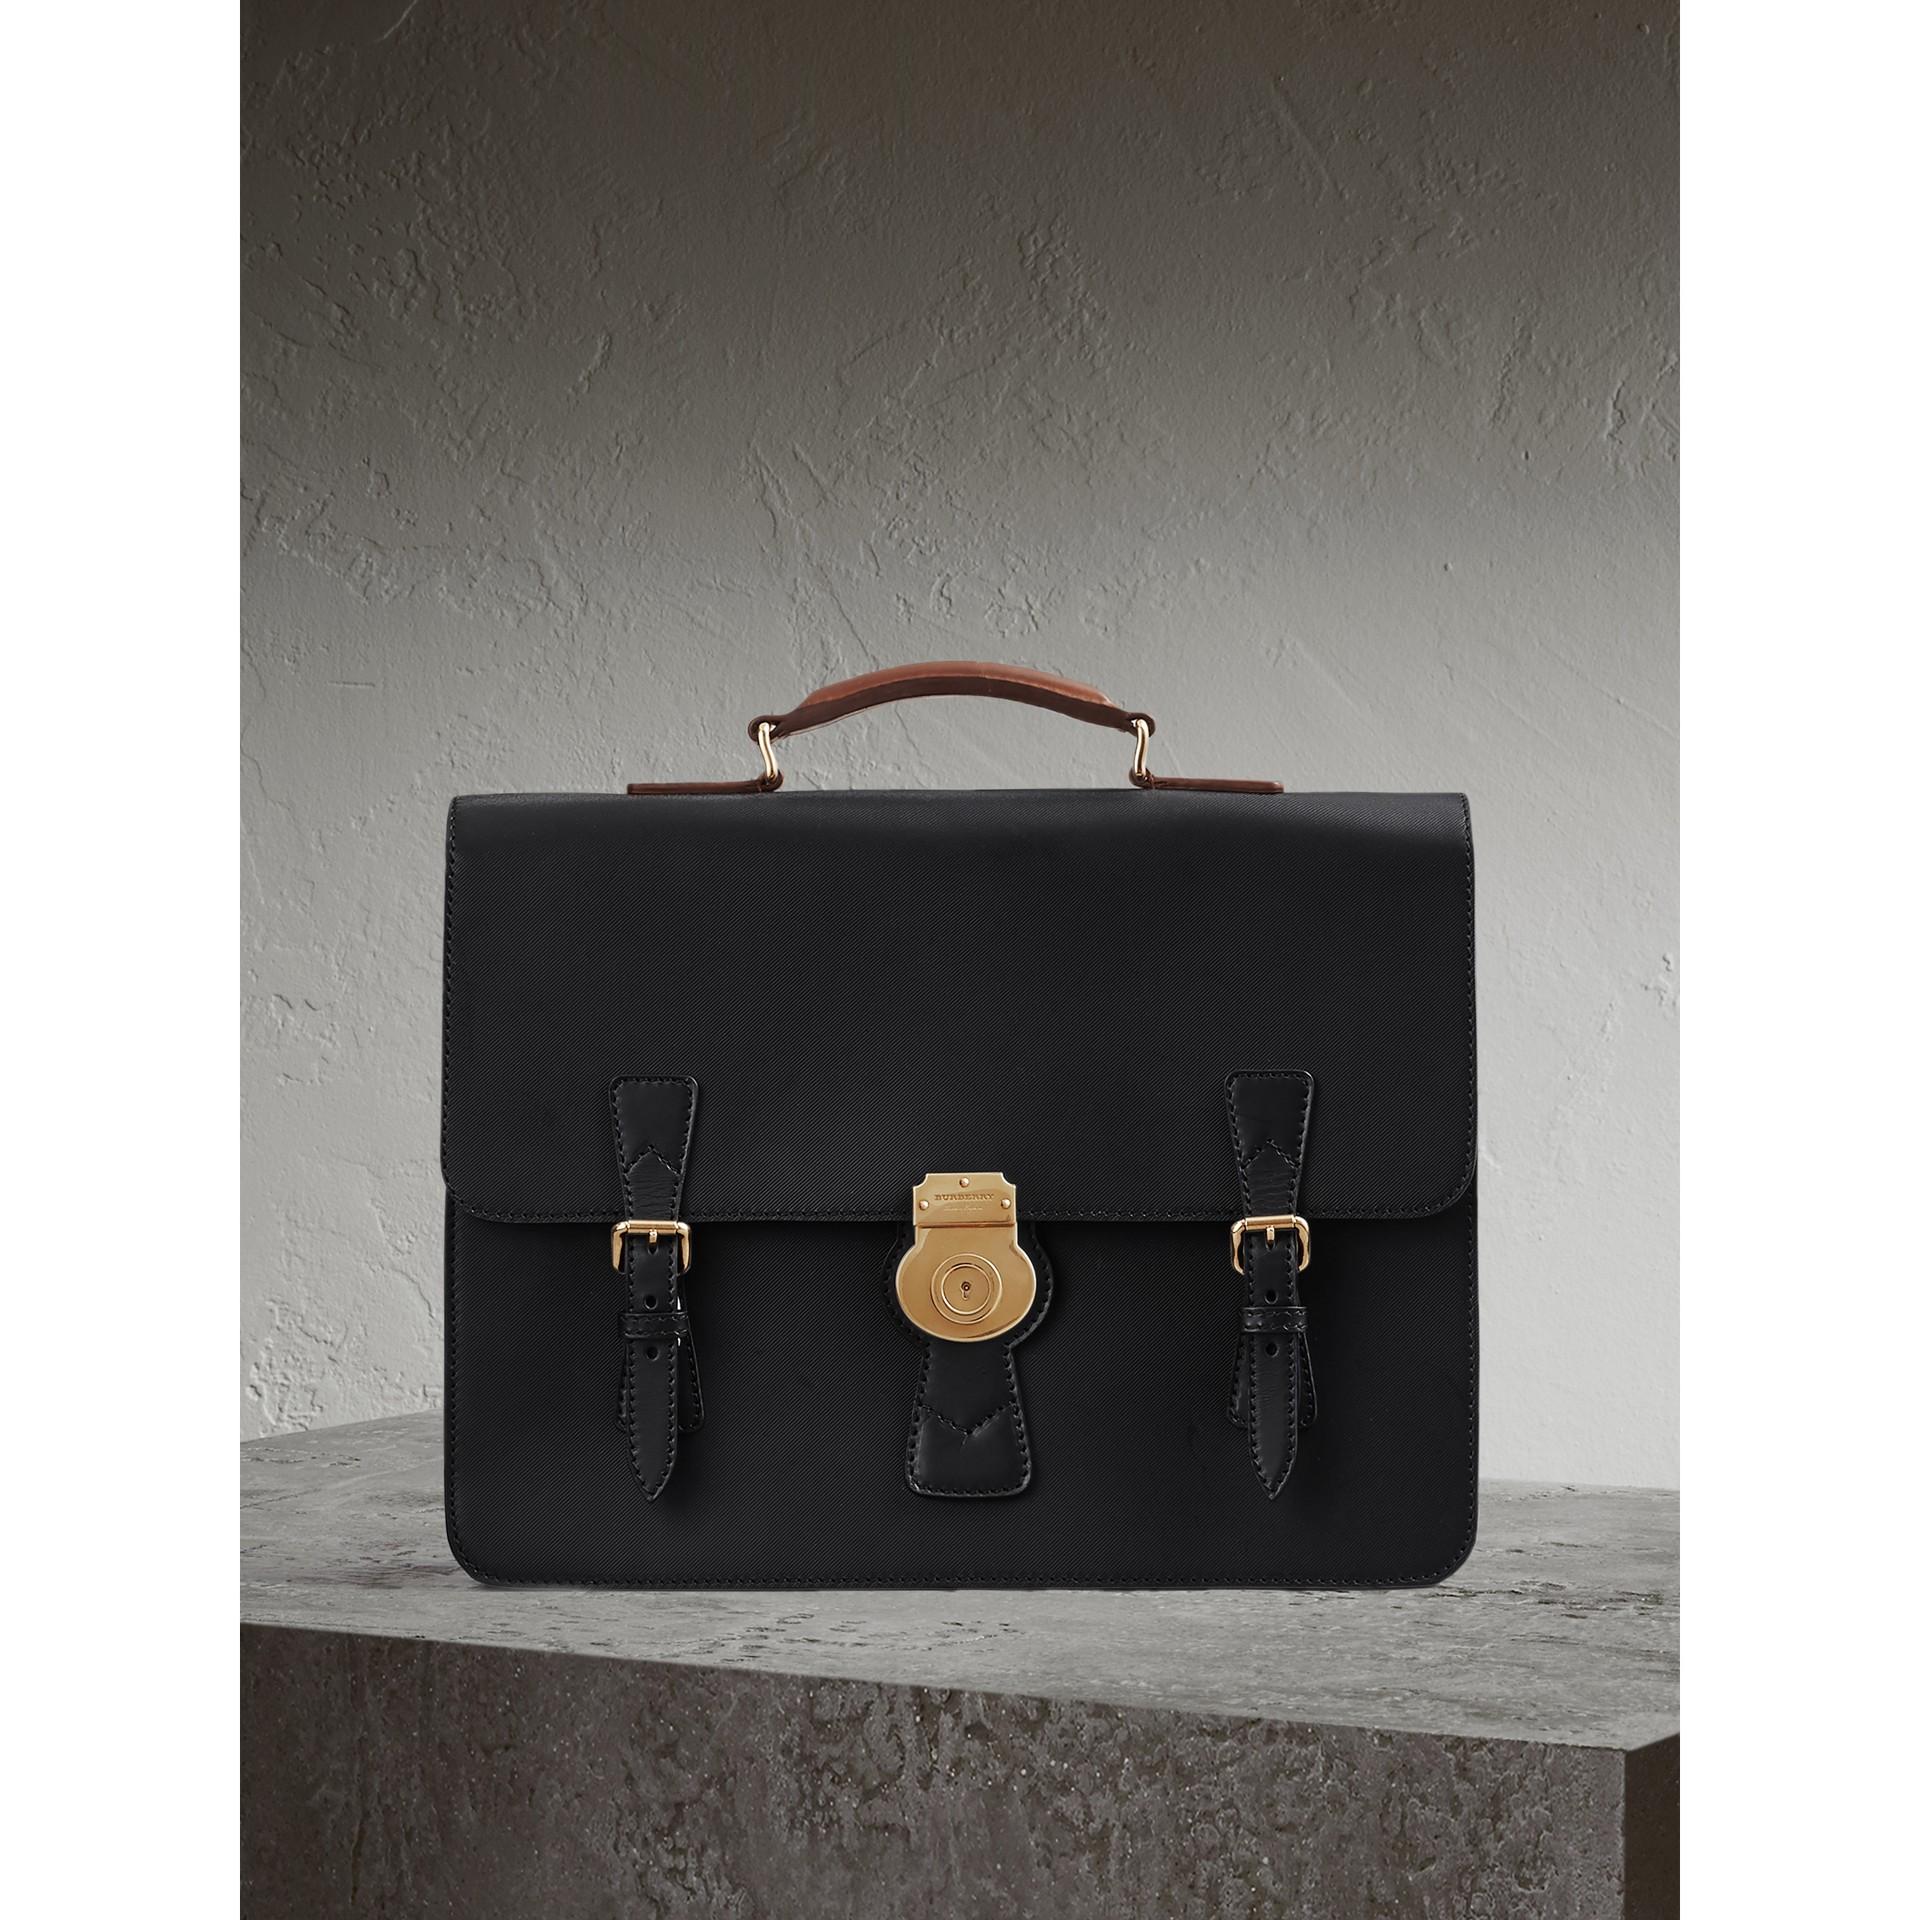 Bolsa satchel DK88 - Média (Preto) - Homens | Burberry - galeria de imagens 1